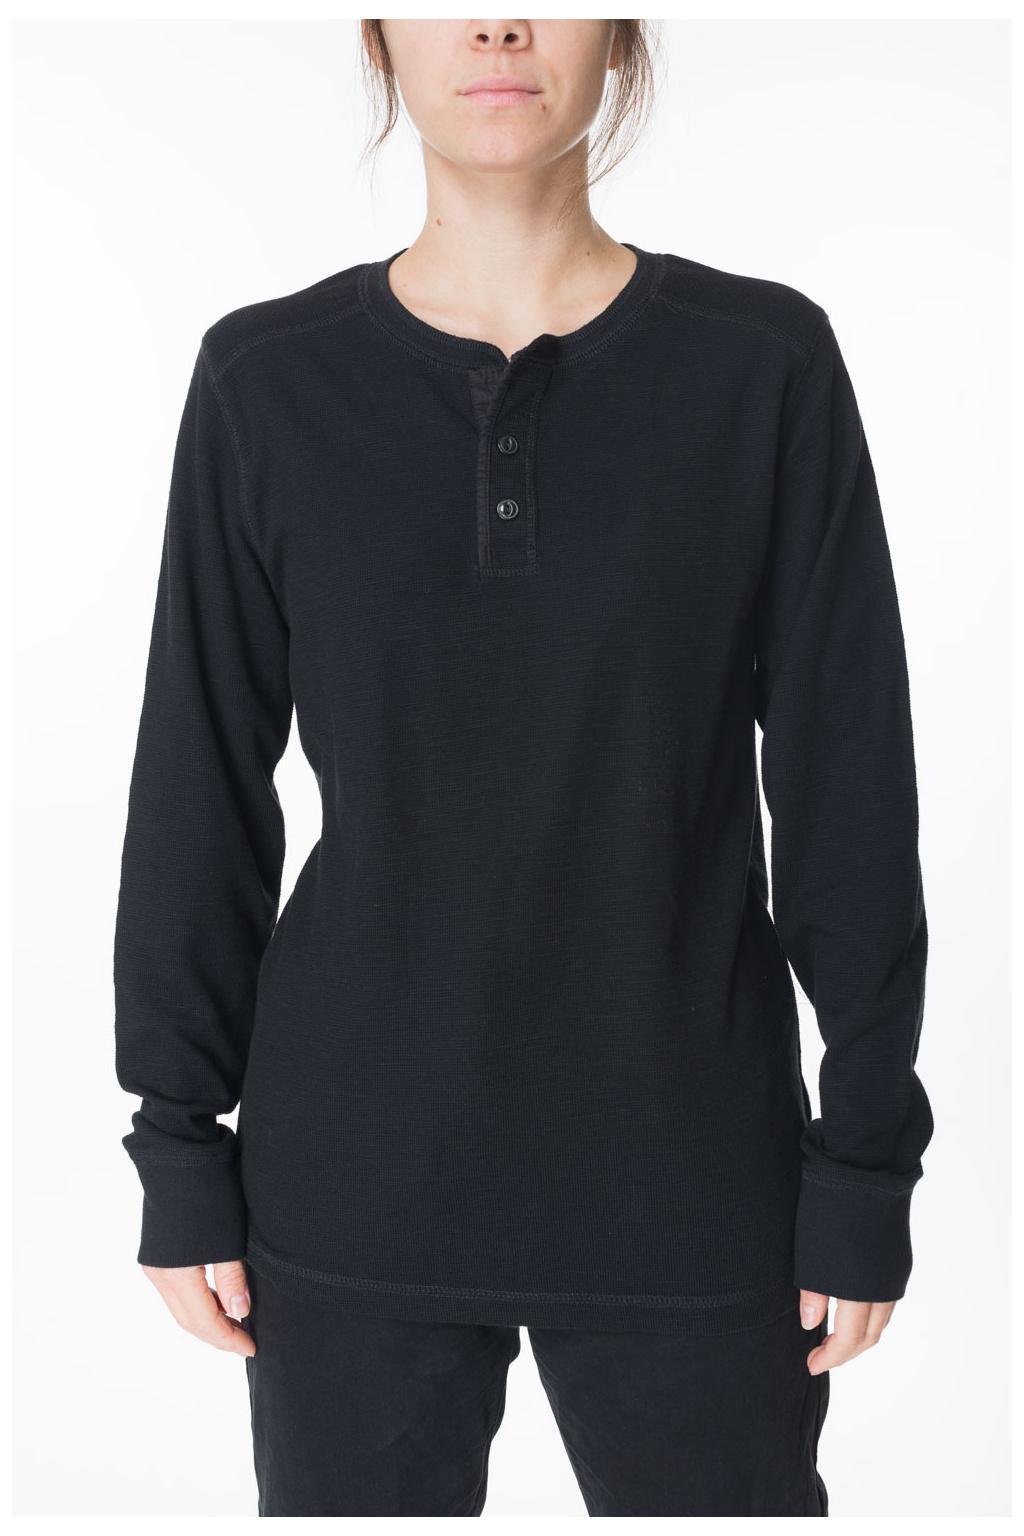 Tričko Černé